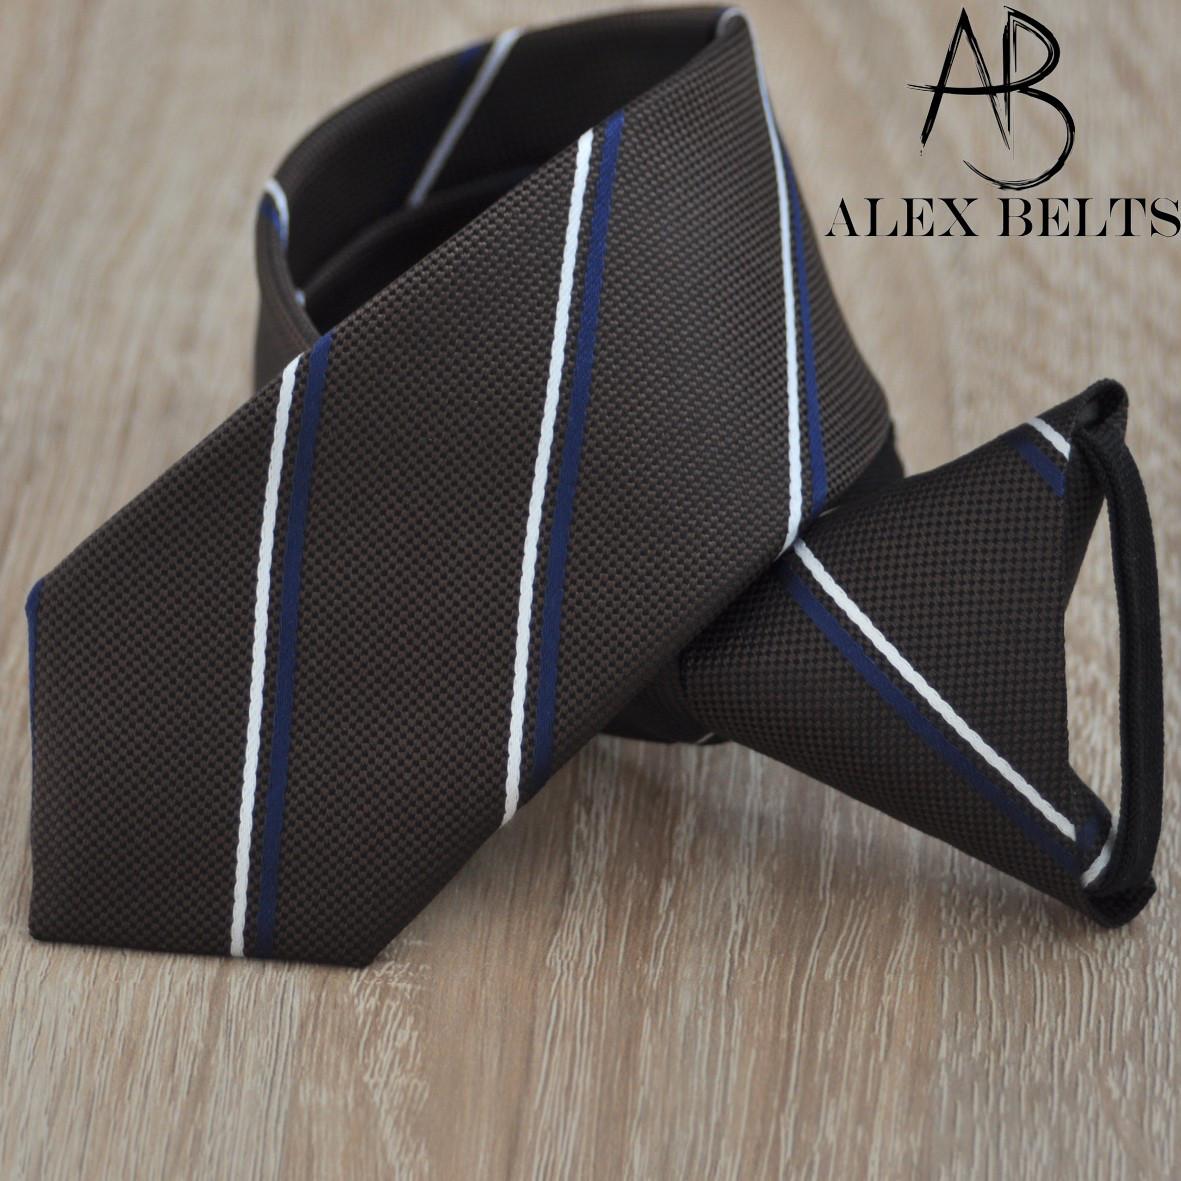 подростковый галстук,  7 км, галстук подростковый, галстук оптом, галстуки оптом, галстук с рисунком